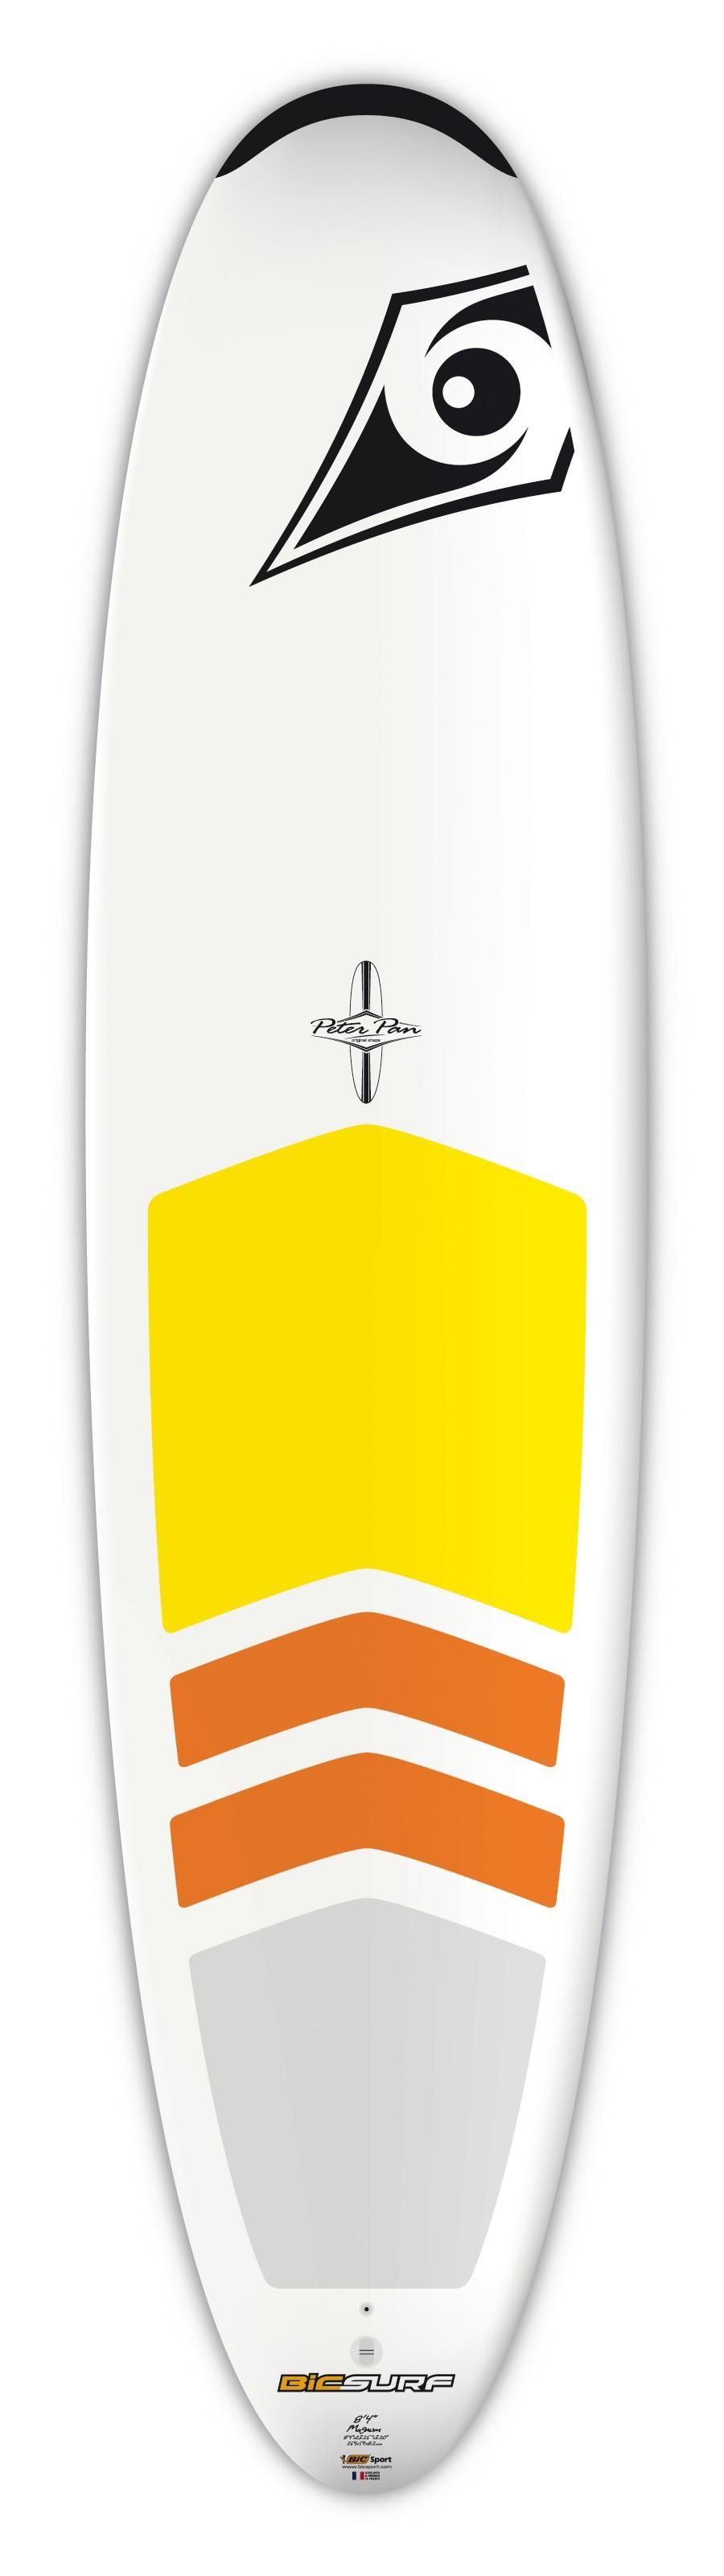 loisirs 3000 achat de kayak vente de planche a voile. Black Bedroom Furniture Sets. Home Design Ideas